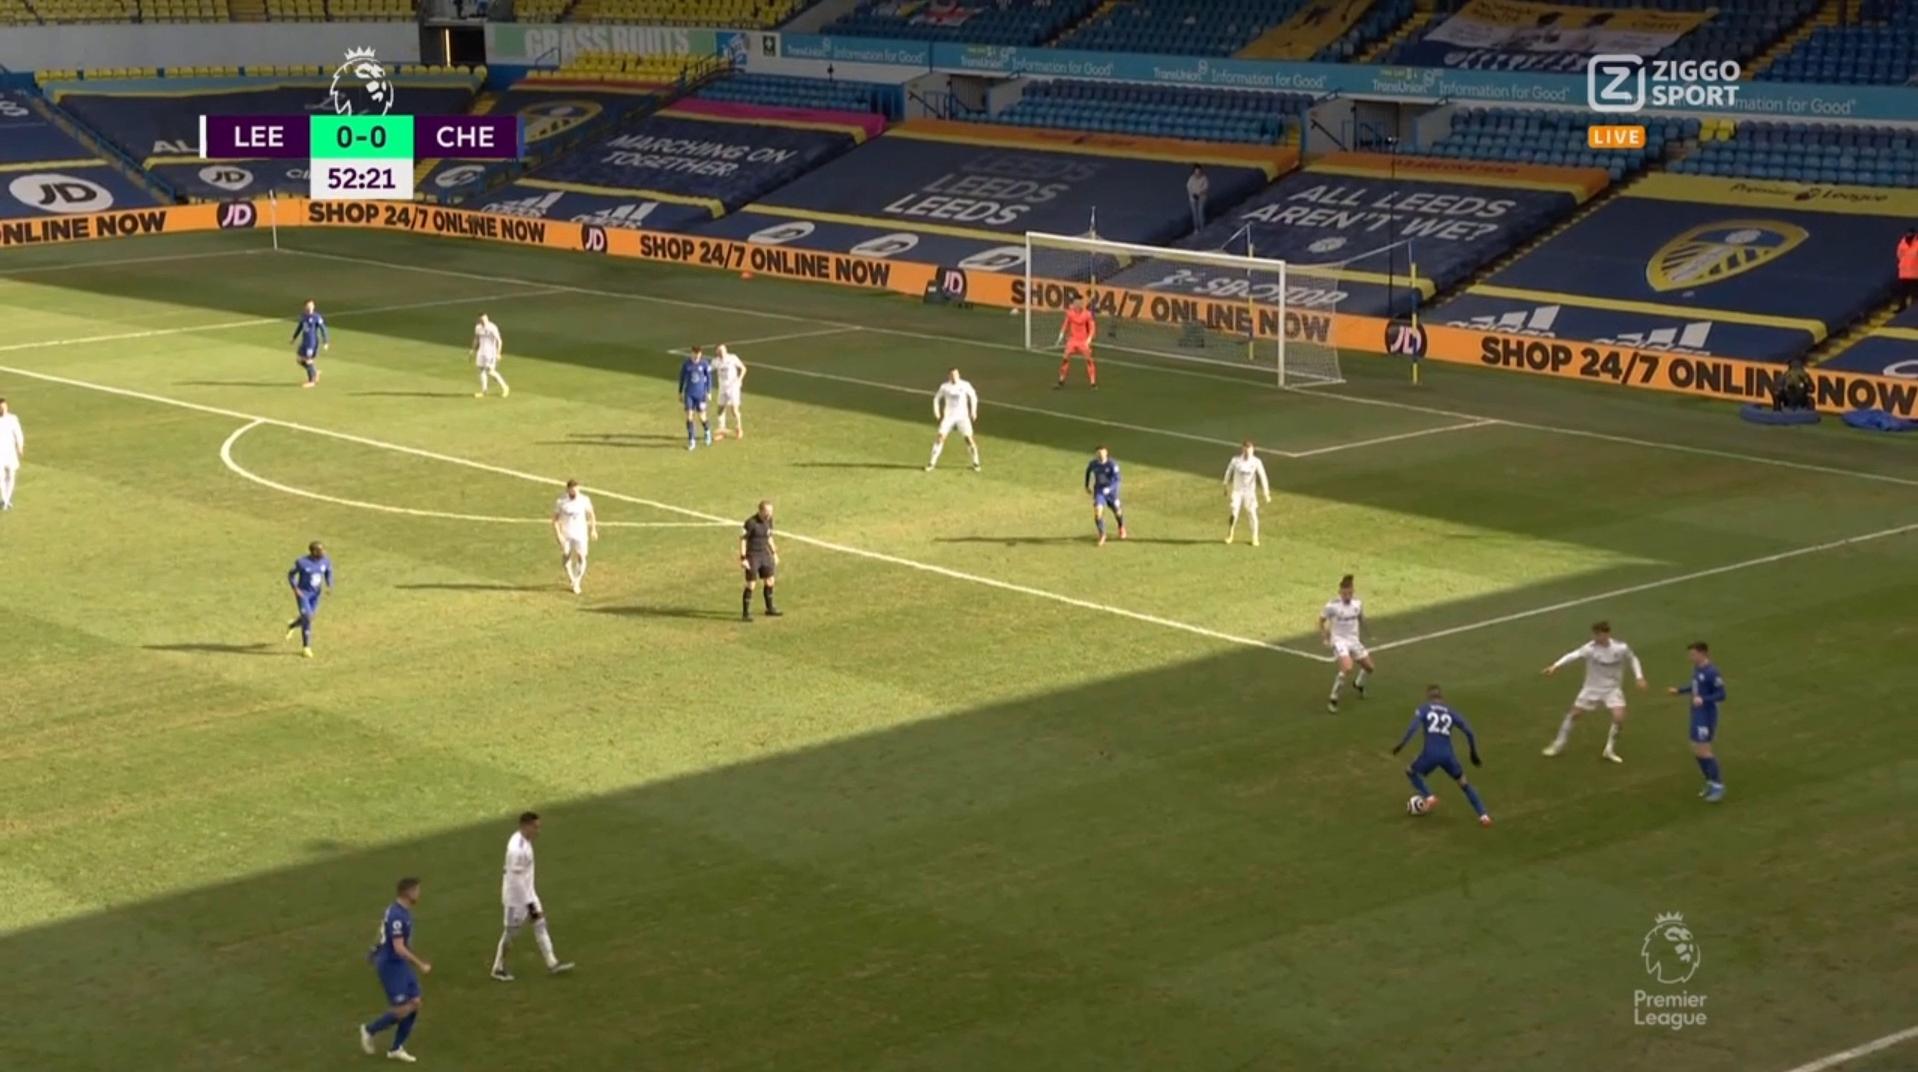 Hakim Ziyech weet slechts op één moment te imponeren tegen Leeds United - Voetbalzone.nl